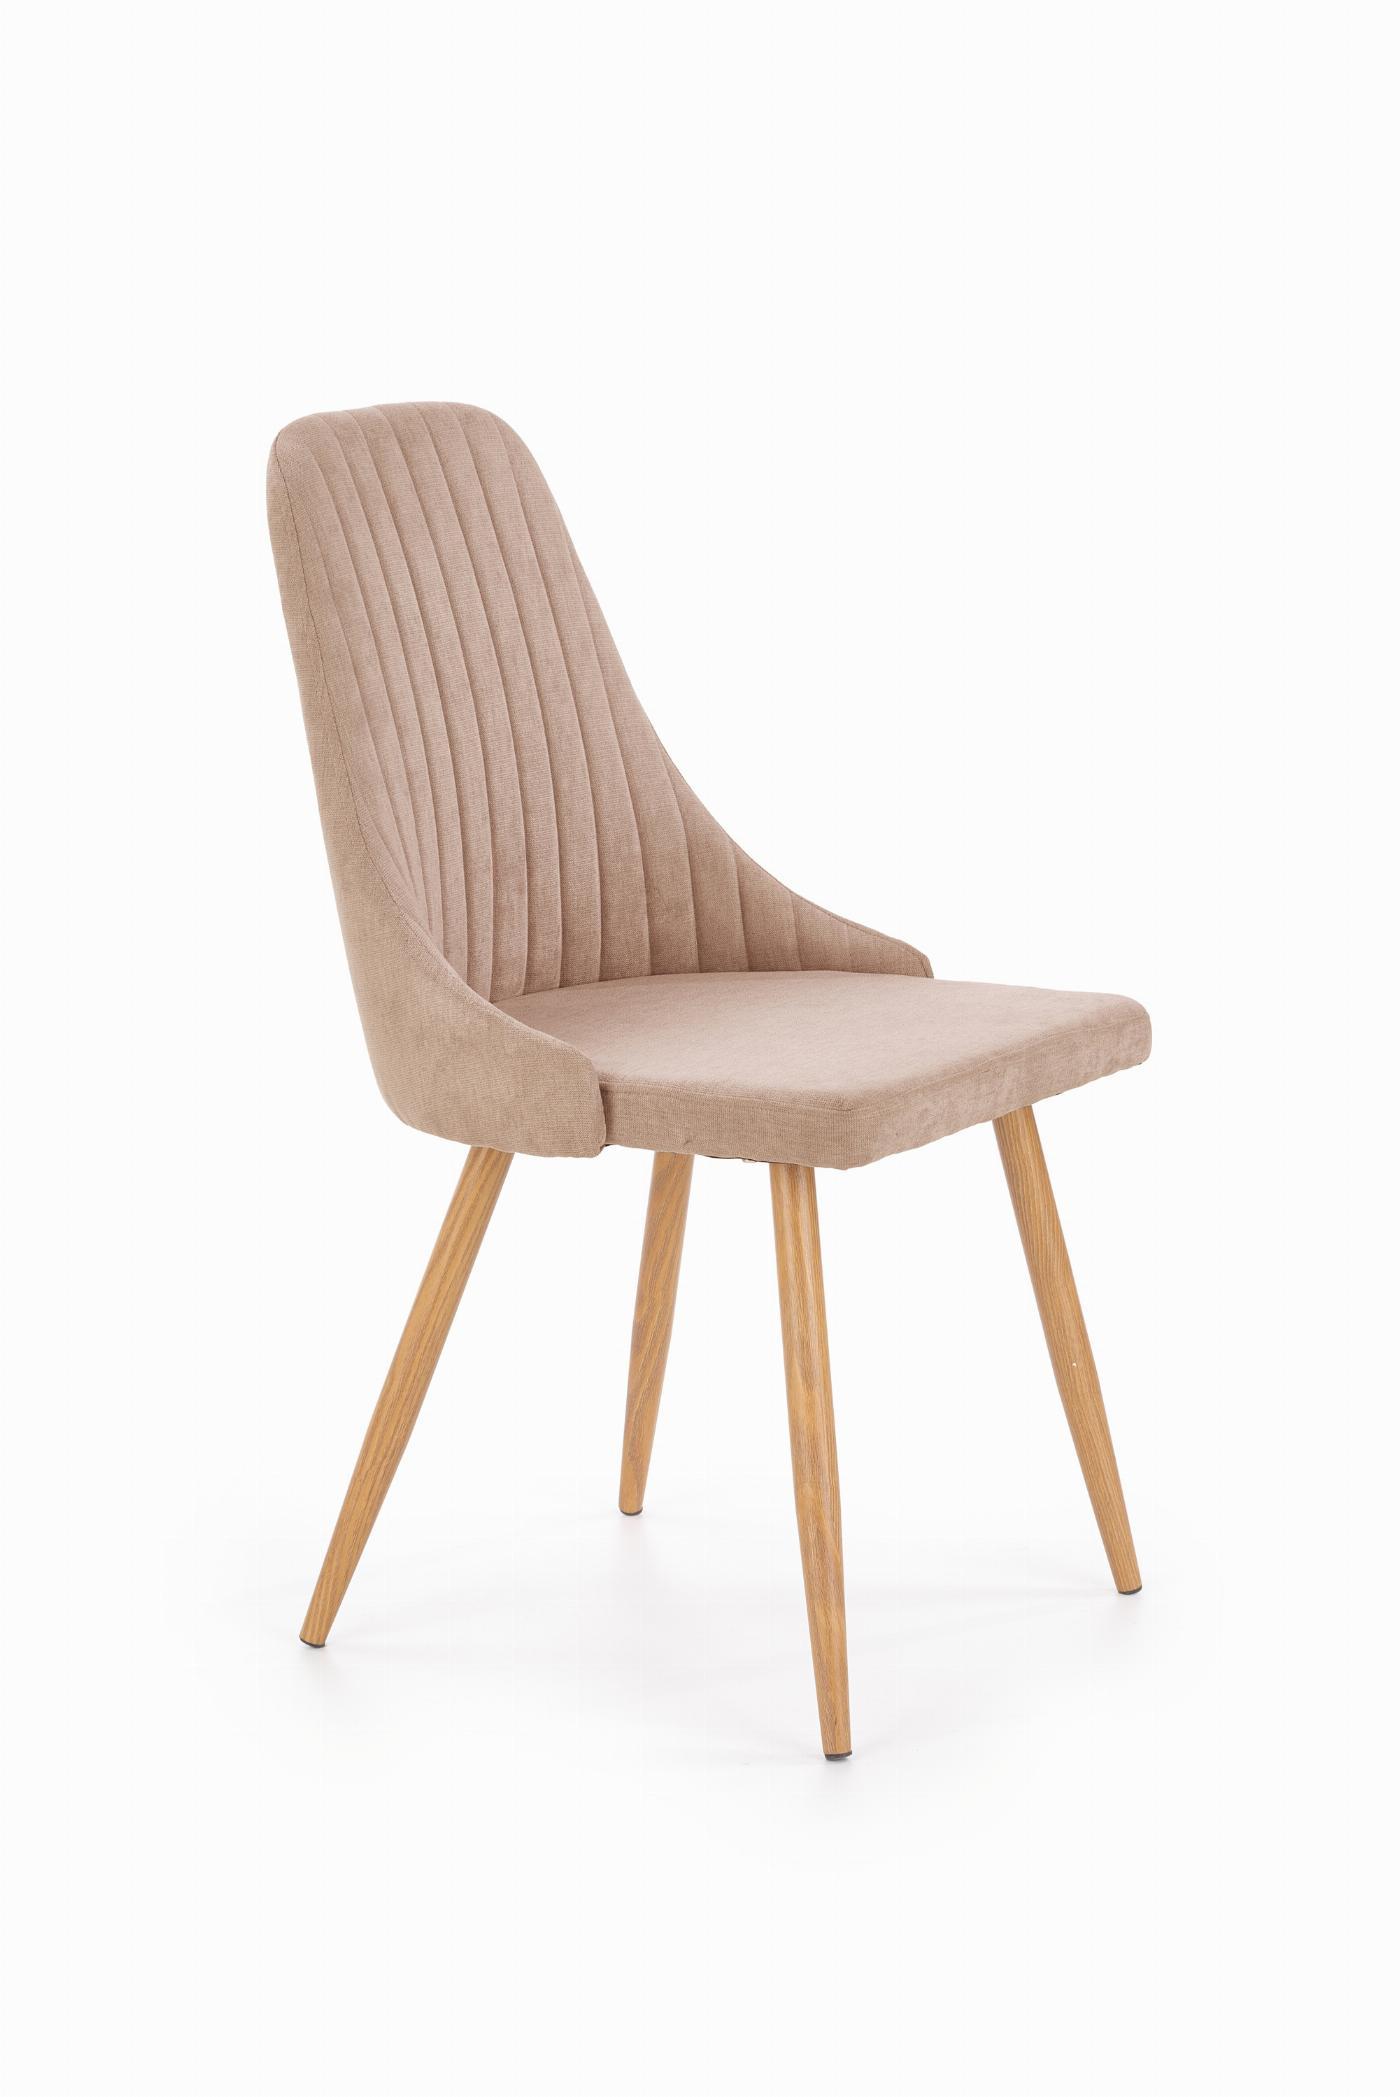 K285 krzesło beżowy